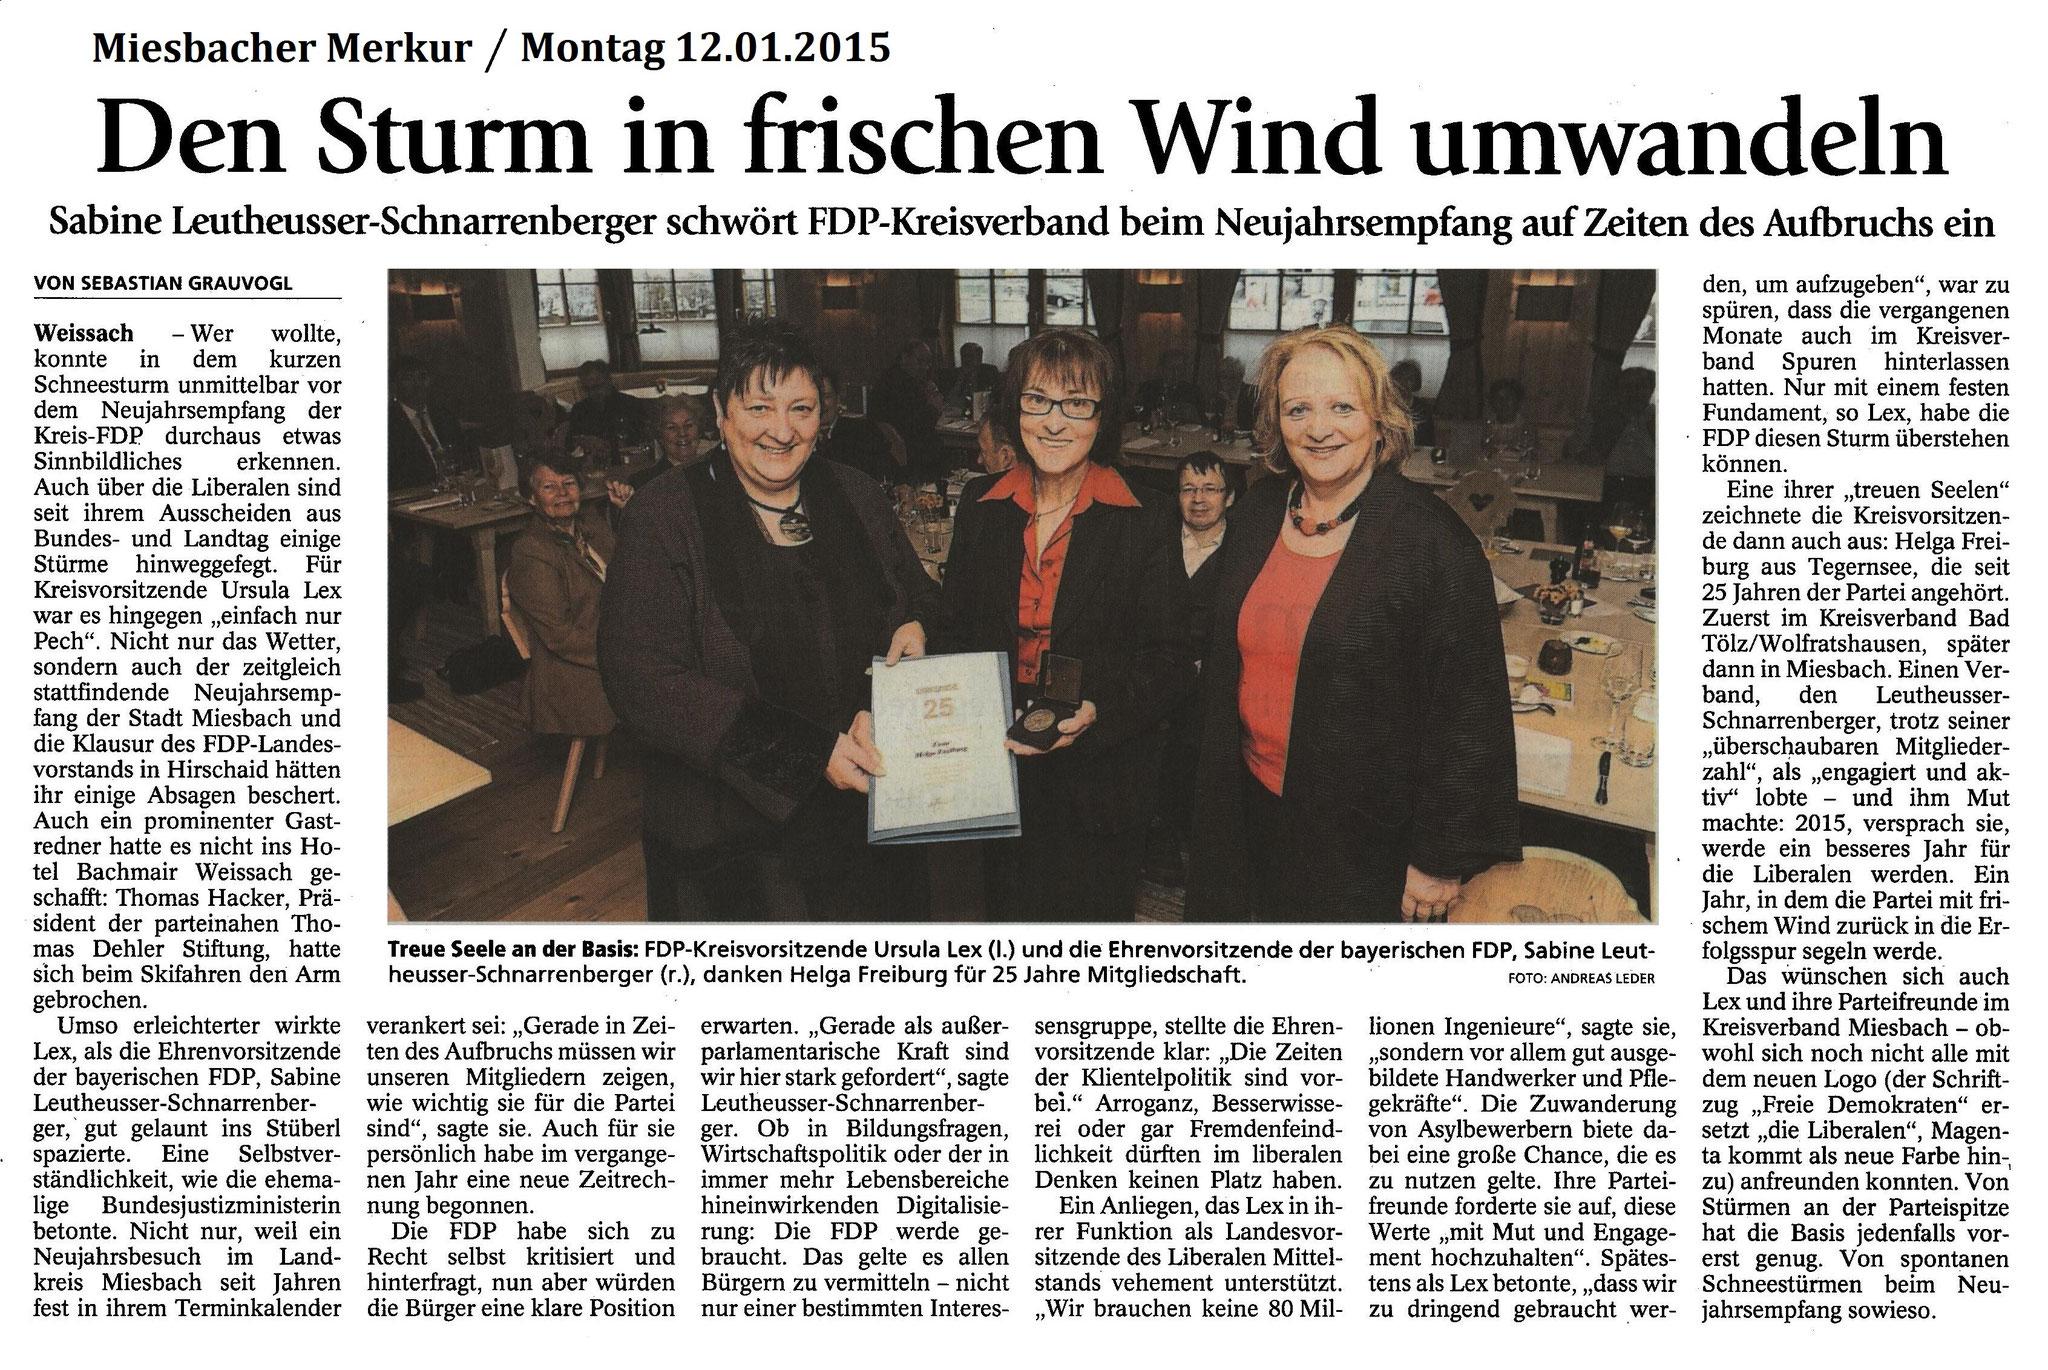 12. Januar 2015: Den Sturm in frischen Wind umwandeln (.jpg)